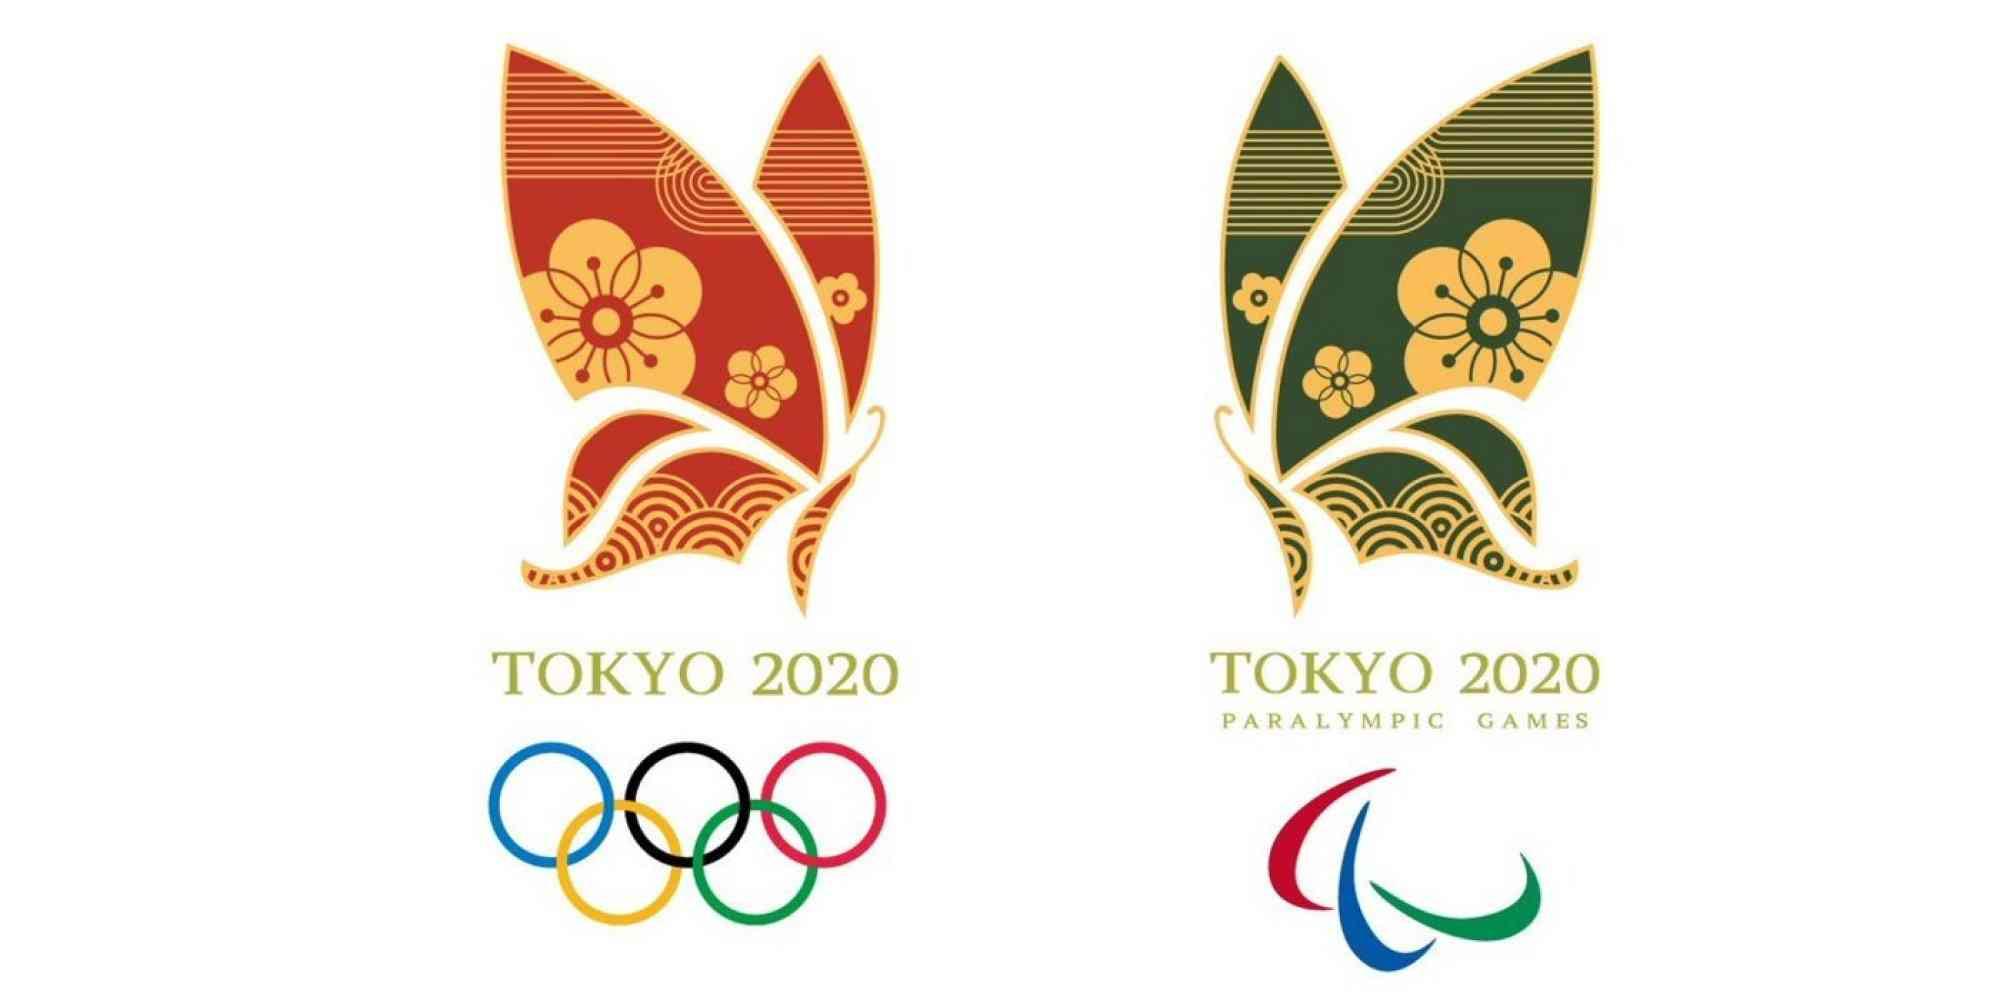 キンコン西野、新エンブレム提案「僕ならこうする」→「天才」だと話題に【東京オリンピック】